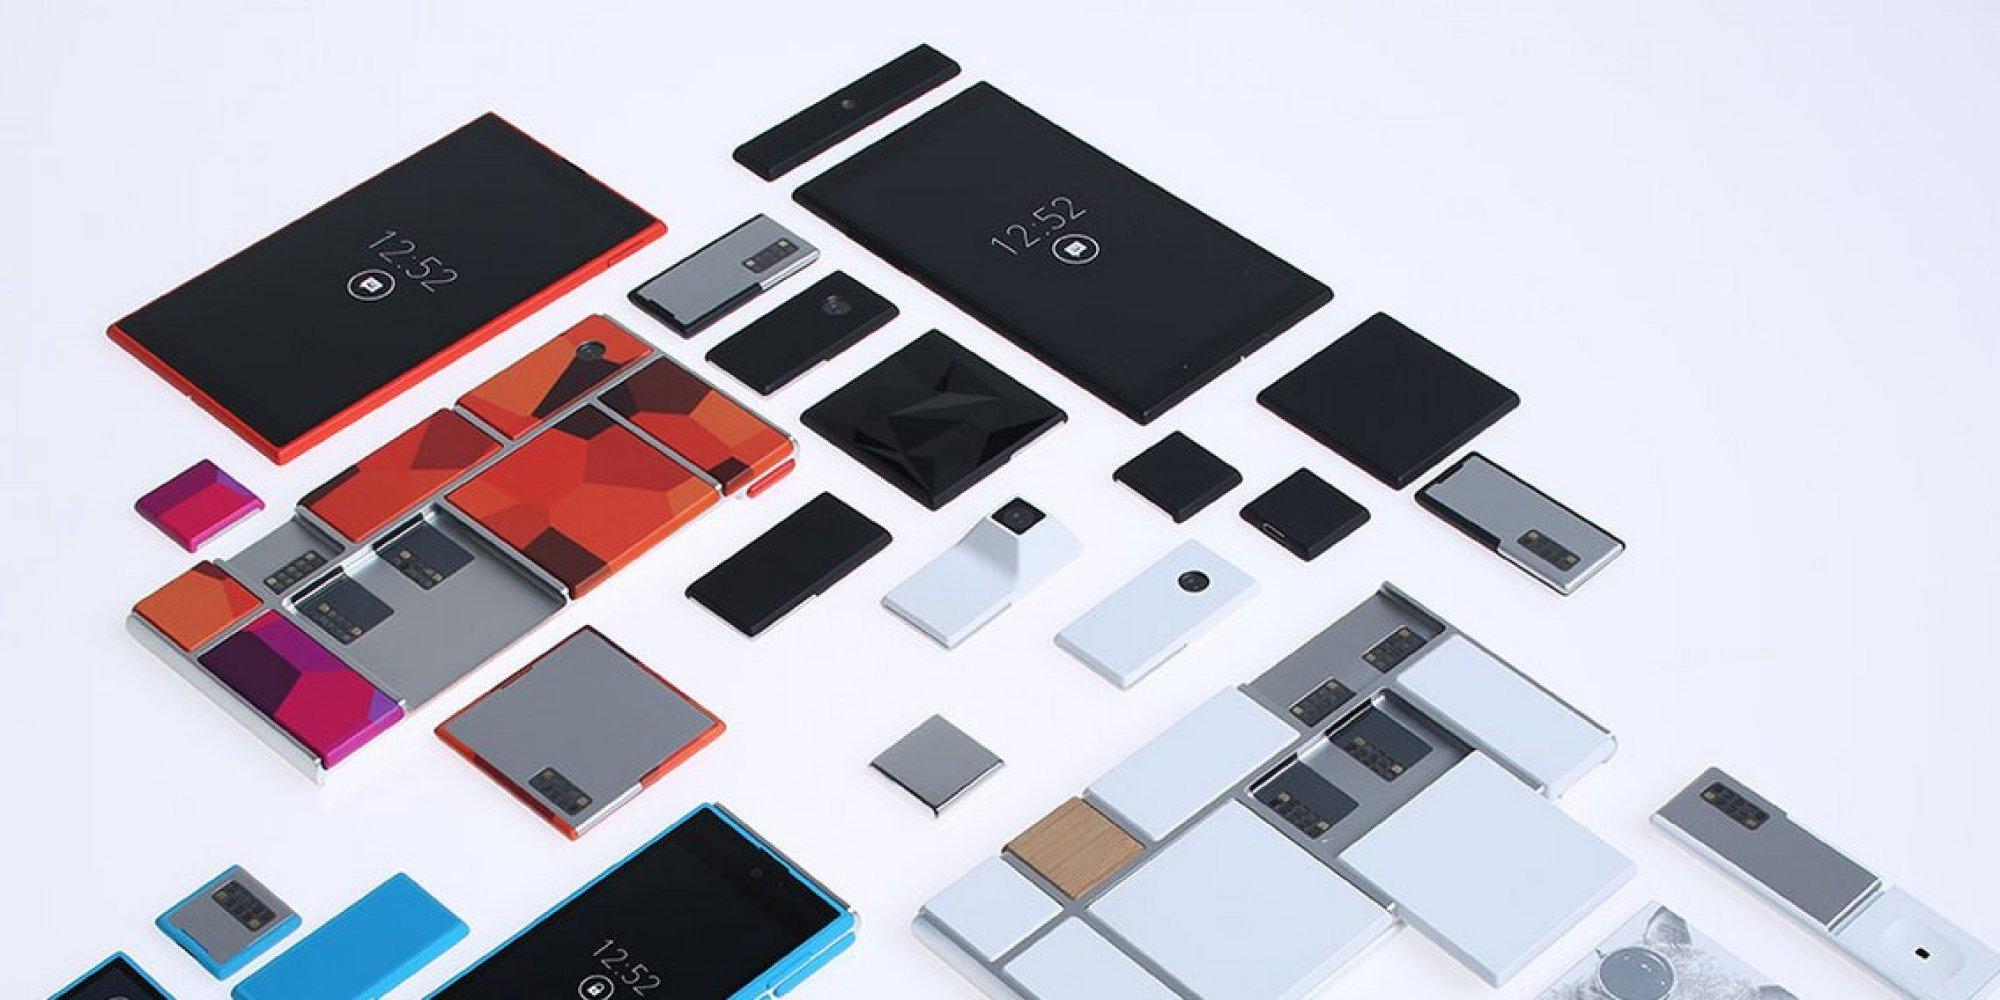 """Bản án """" tử hình"""" đã được đưa ra với dòng smartphone Project Ara"""